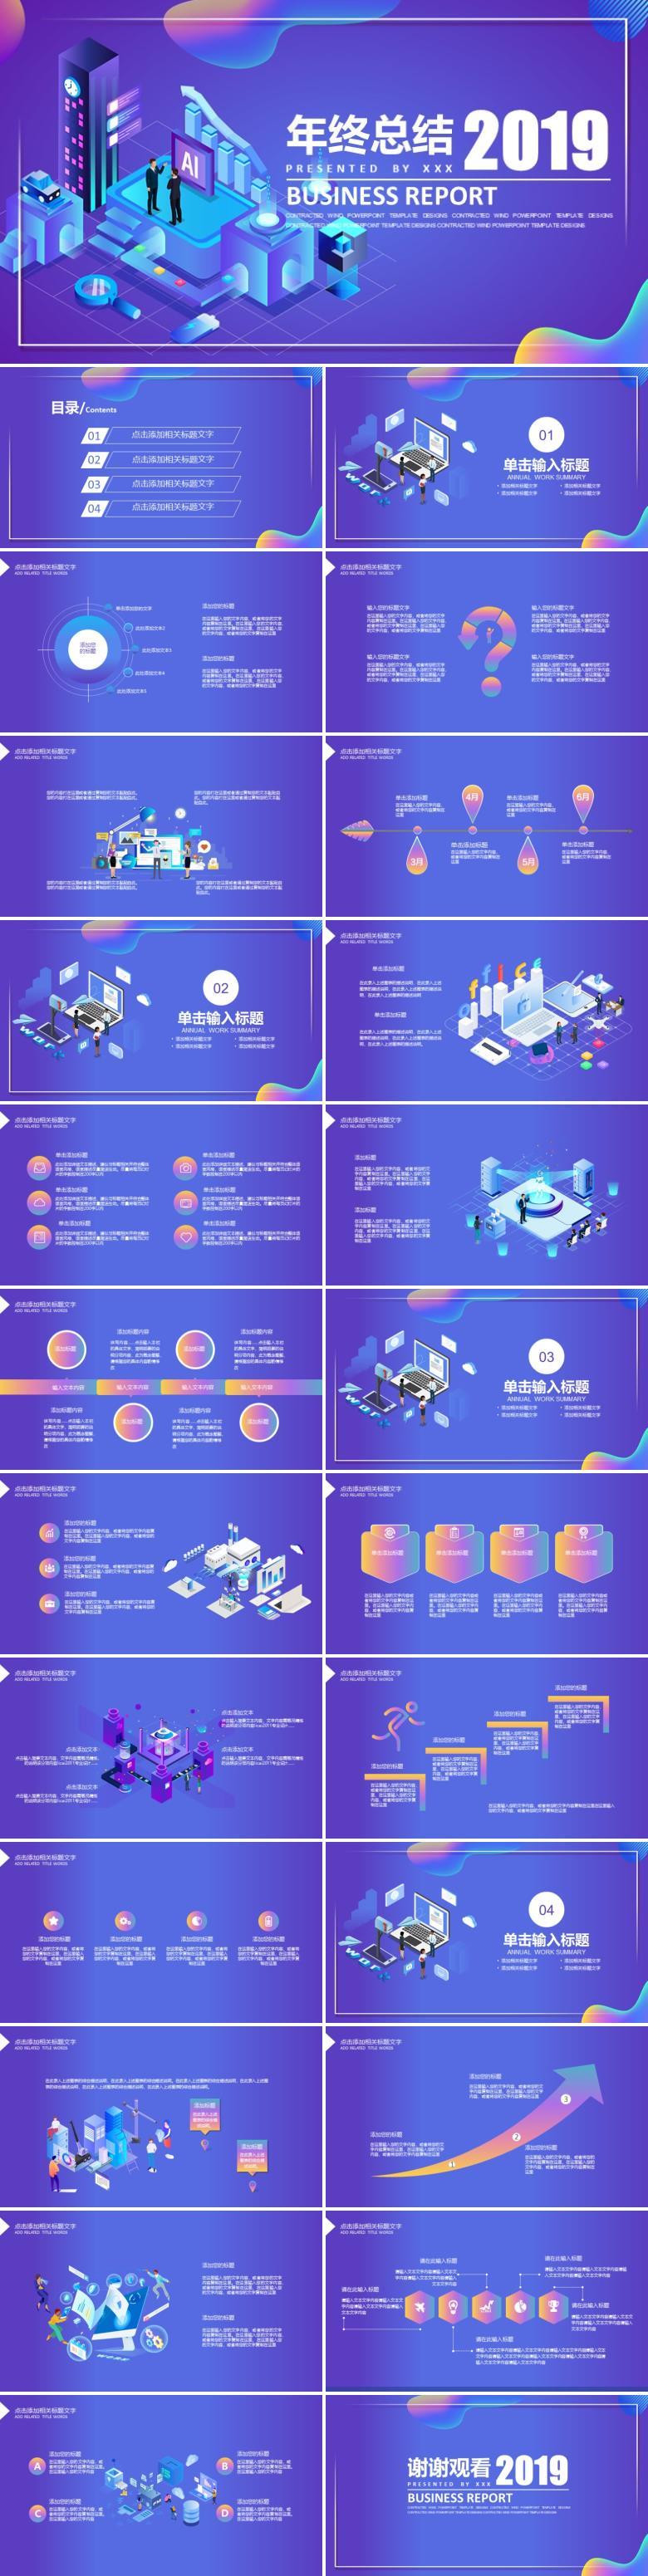 魅蓝2.5D新年计划年终总结PPT模板_1.jpg